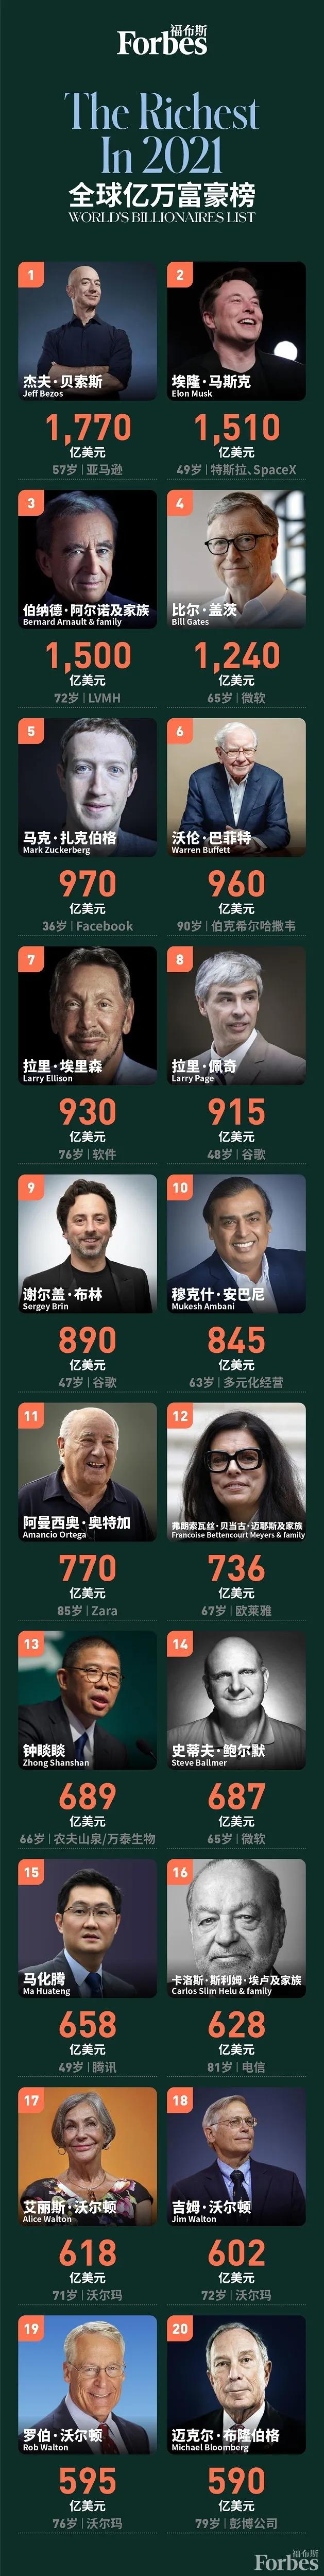 福布斯2021全球亿万富豪榜都有谁-图解全球TOP20位顶级富豪